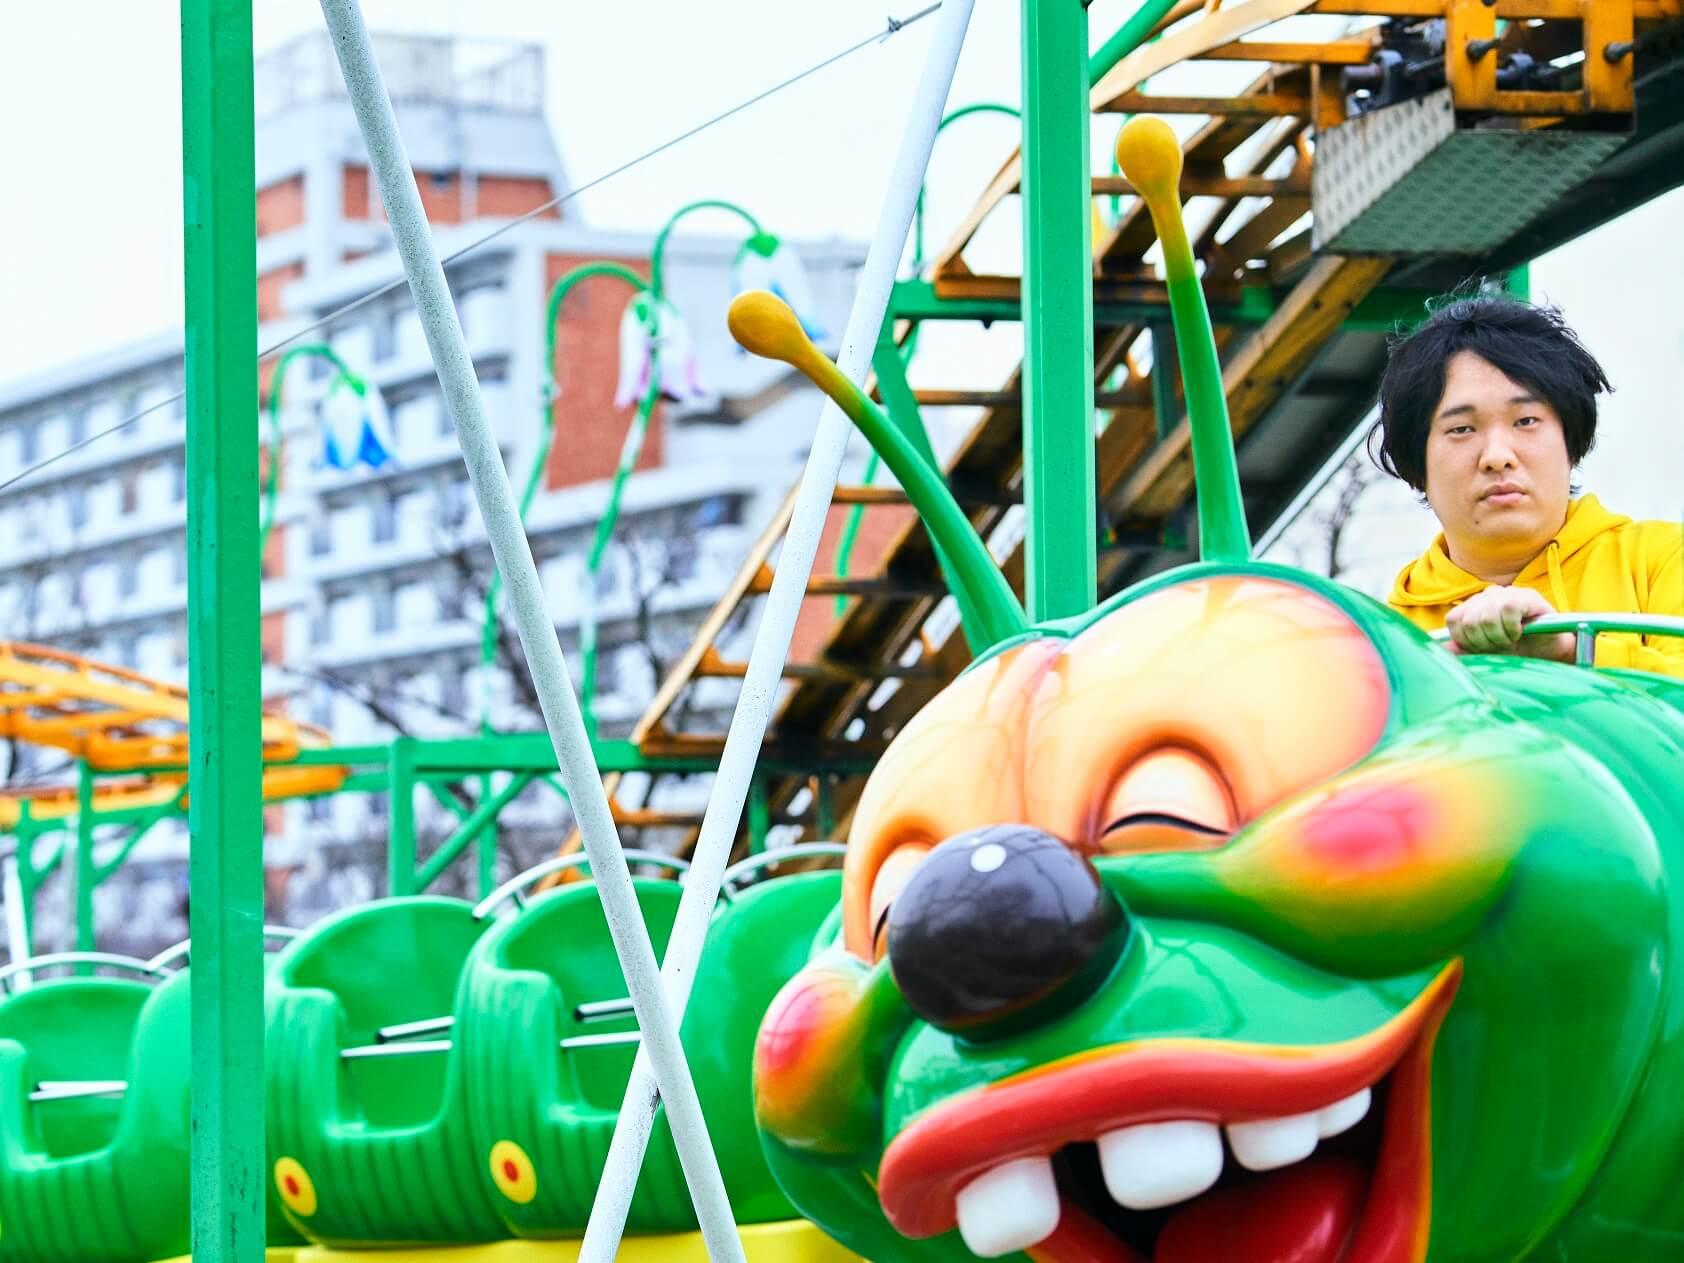 岡崎体育の大阪公演が急遽中止、水カン・コムアイが恋人と破局、辻希美が結婚前のチュー写真などを公開【週間ニュース】